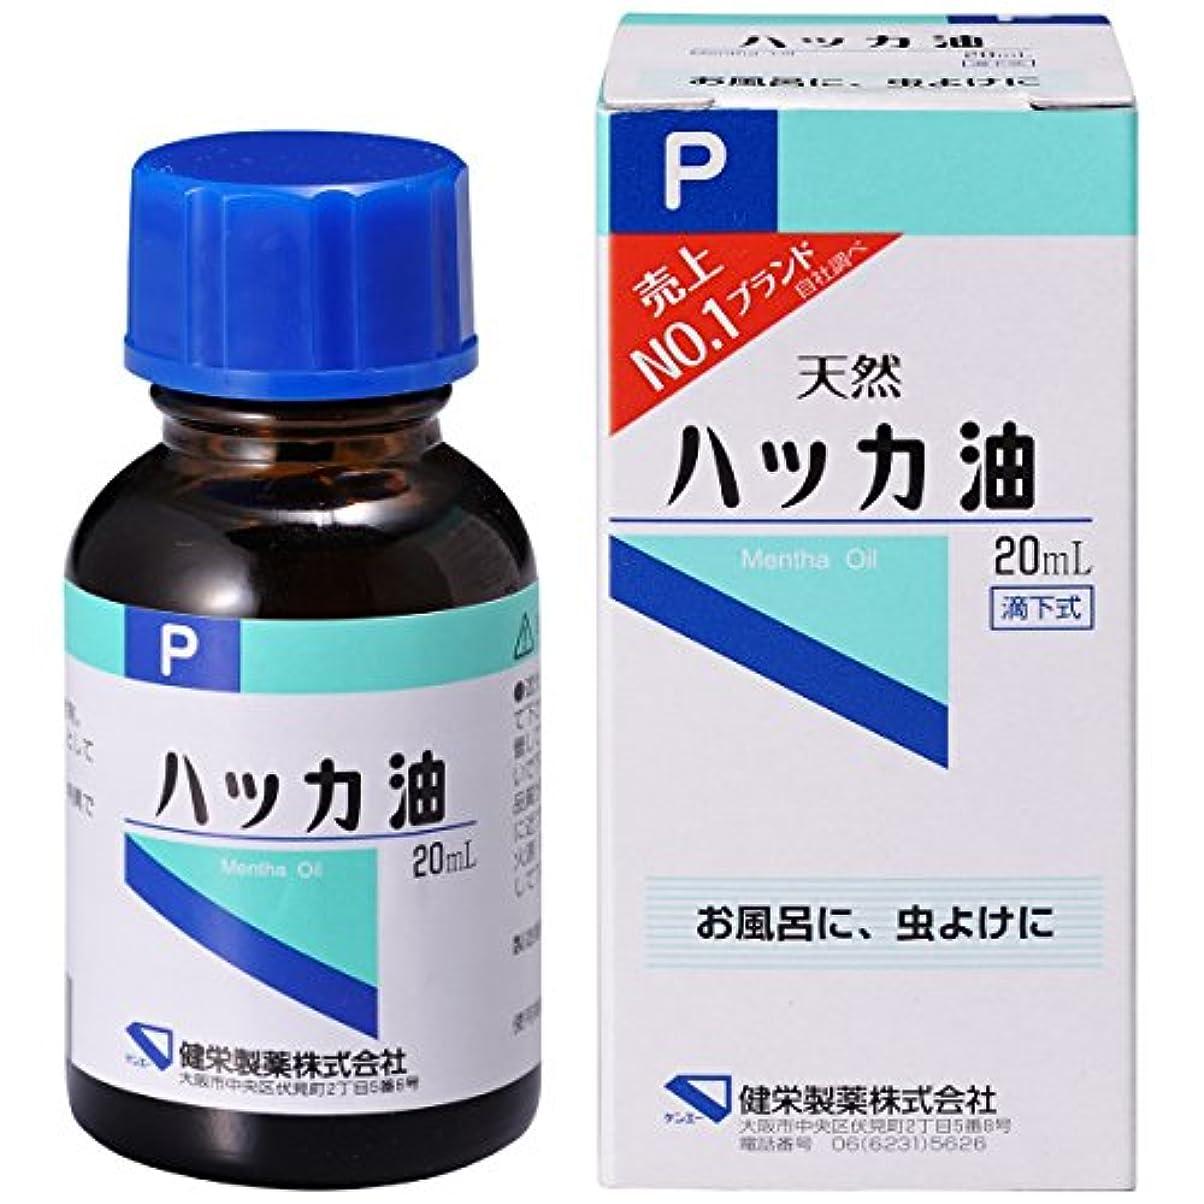 小川群衆製品ハッカ油P 20ml